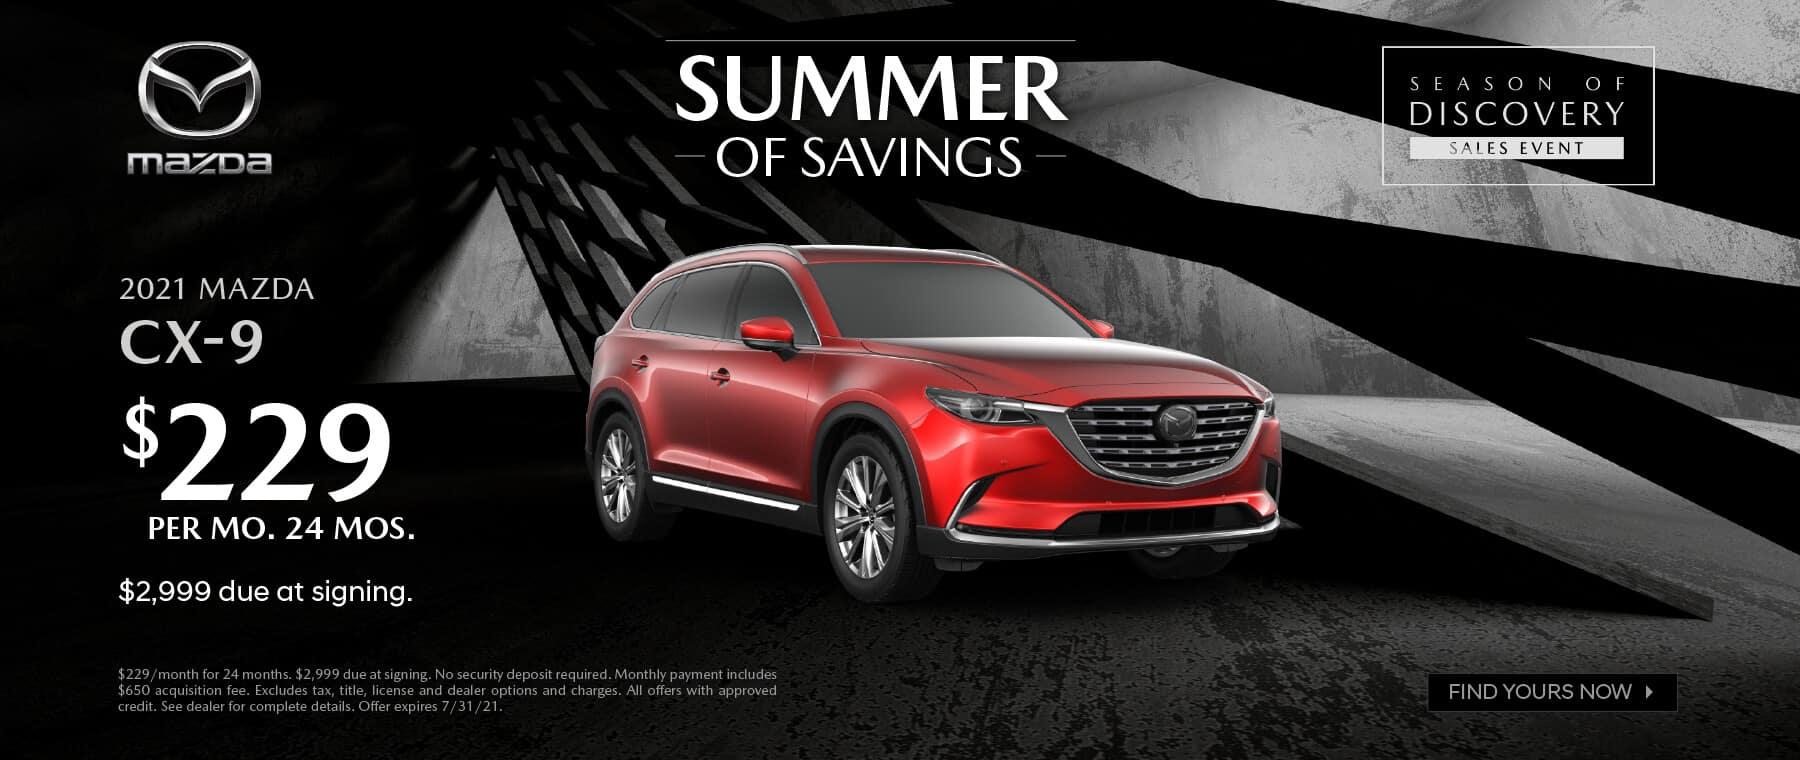 2021.05.26-Keffer-Mazda-JUNE_JULY-Web-Banners-S52475vw-3